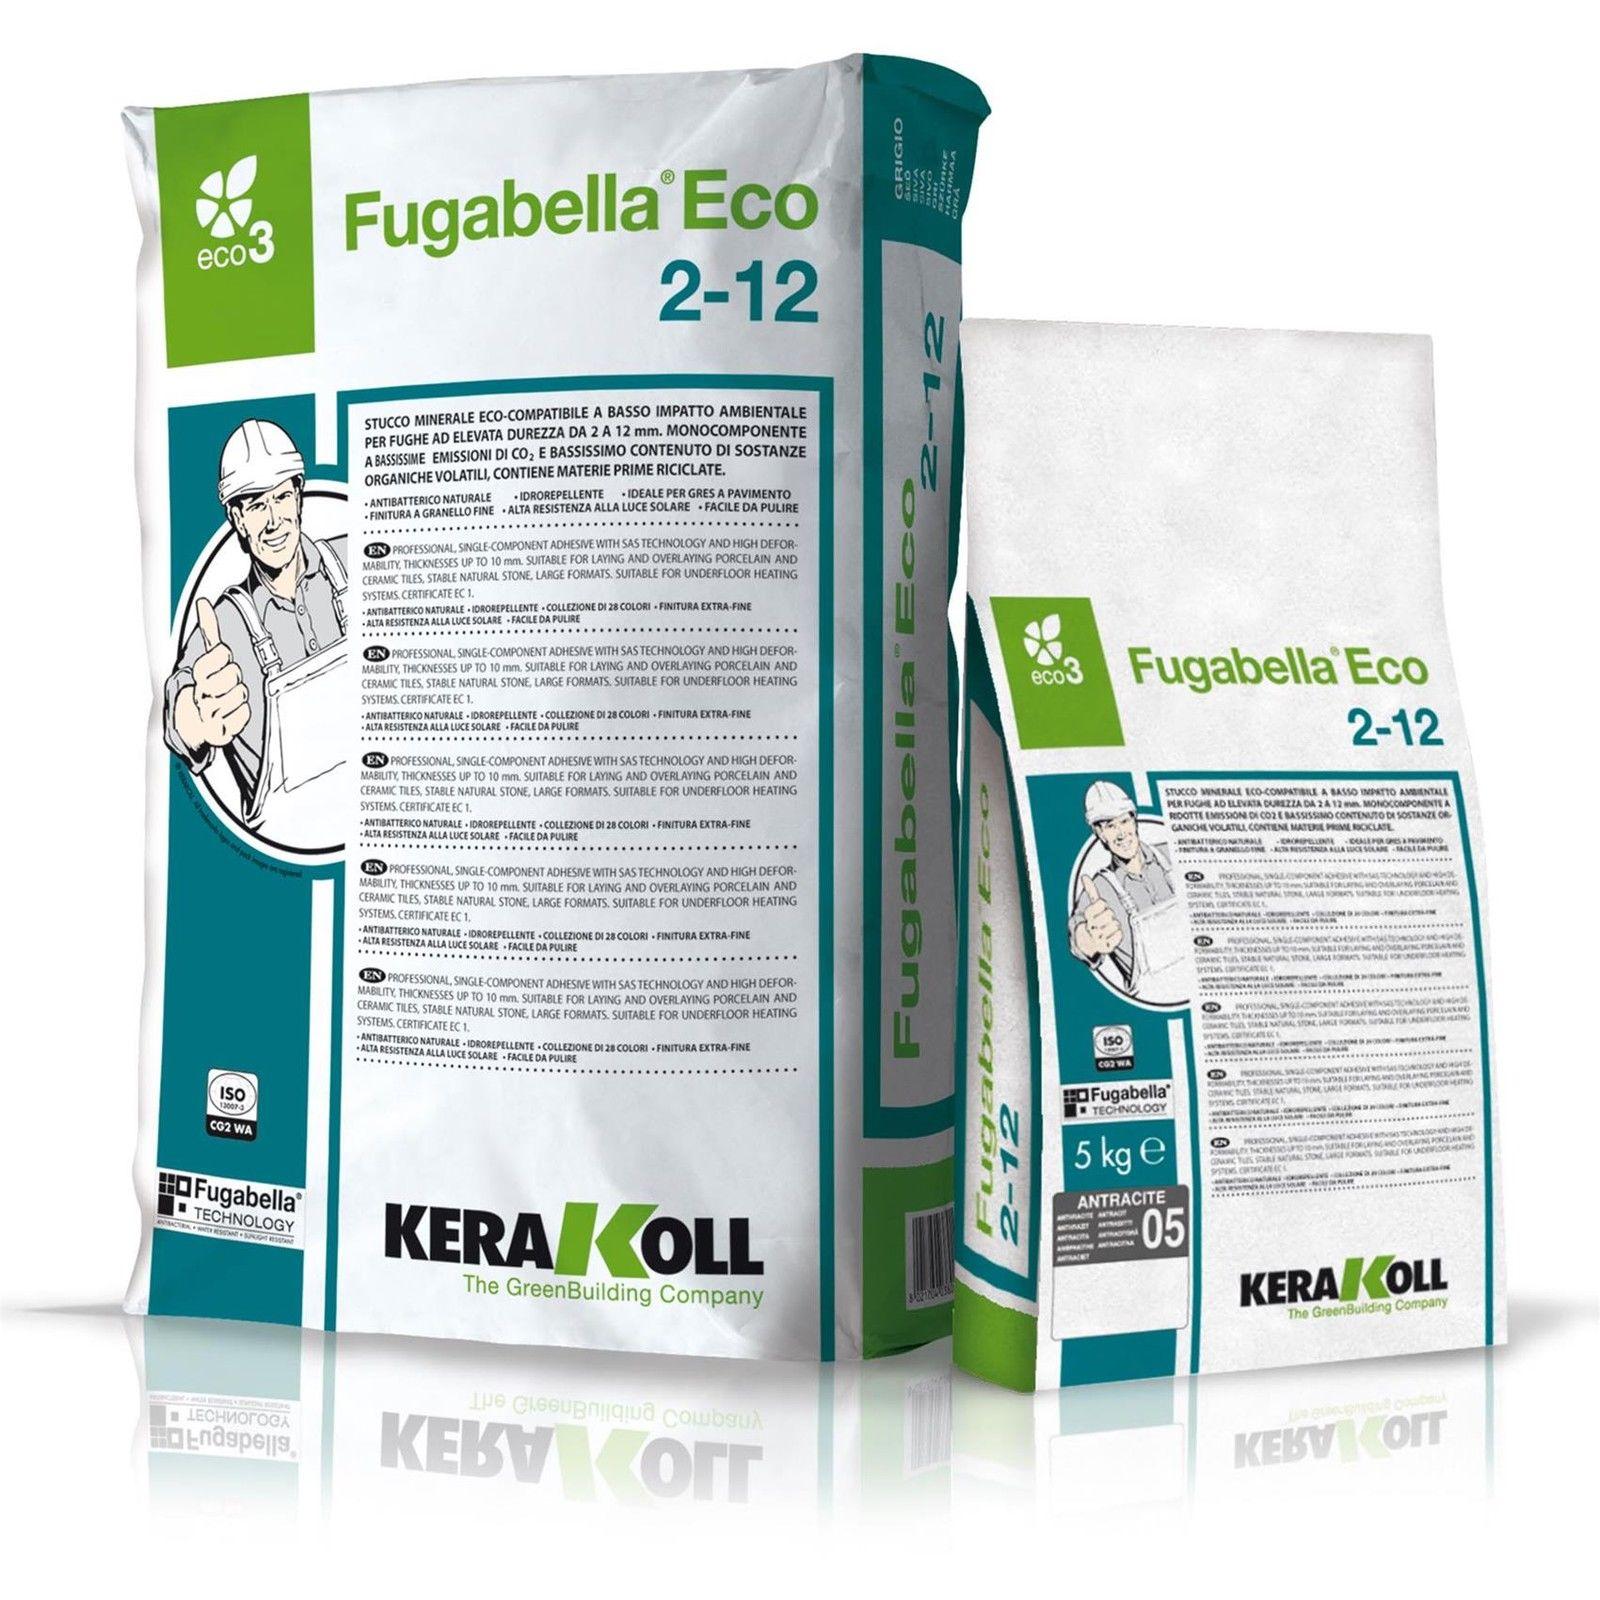 Kerakoll fugabella eco 2-12 stucco fuga per piastrelle grigio luce kg5